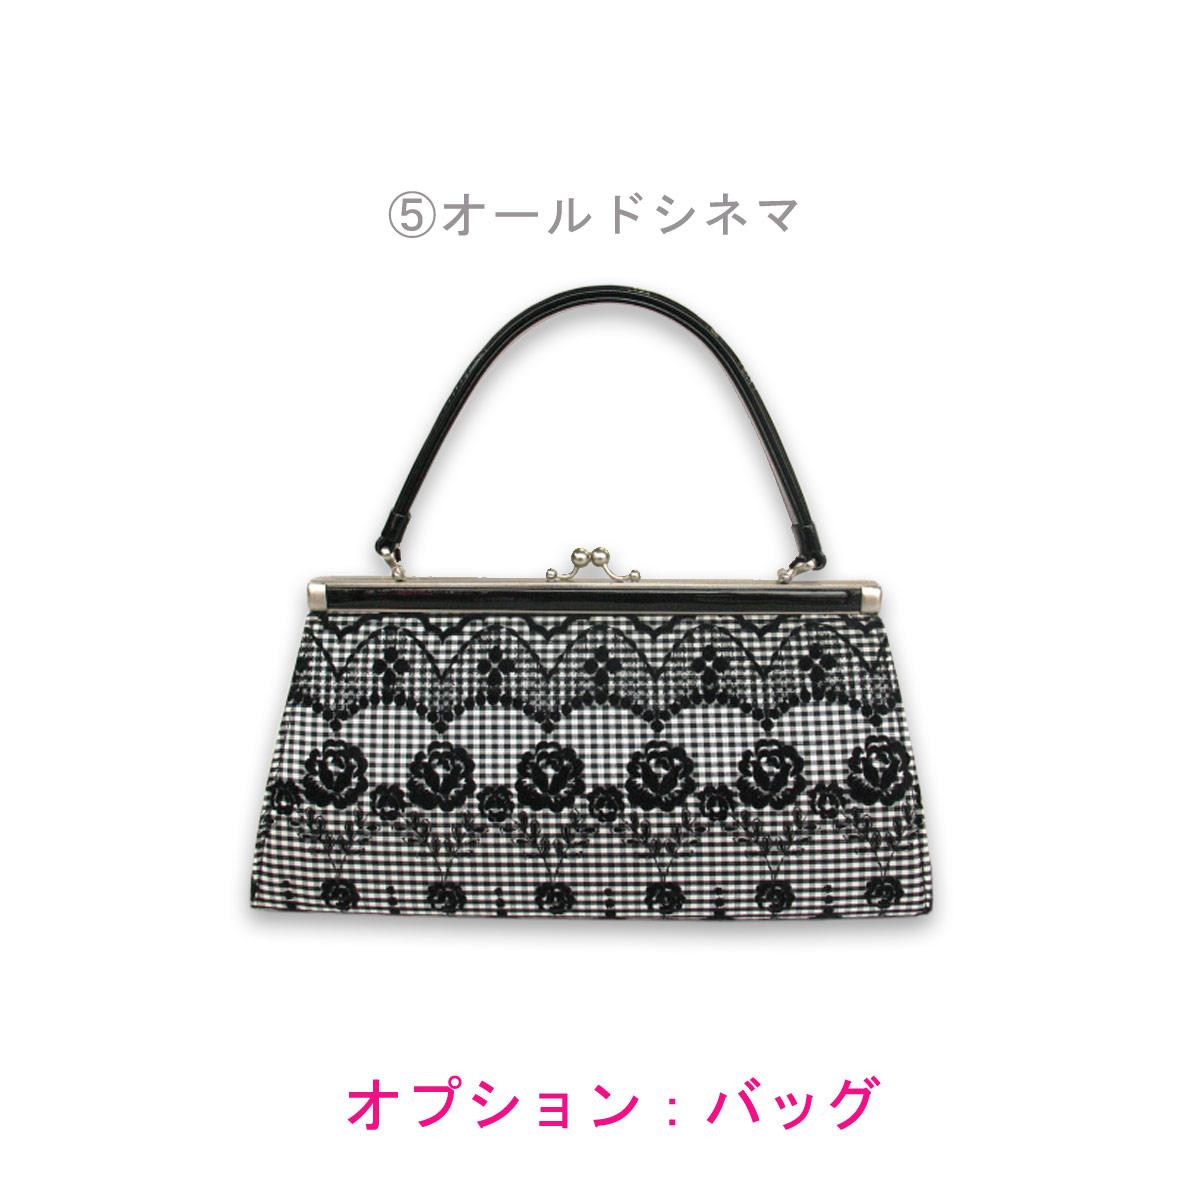 【レンタル】袴 ミリオンハピネス